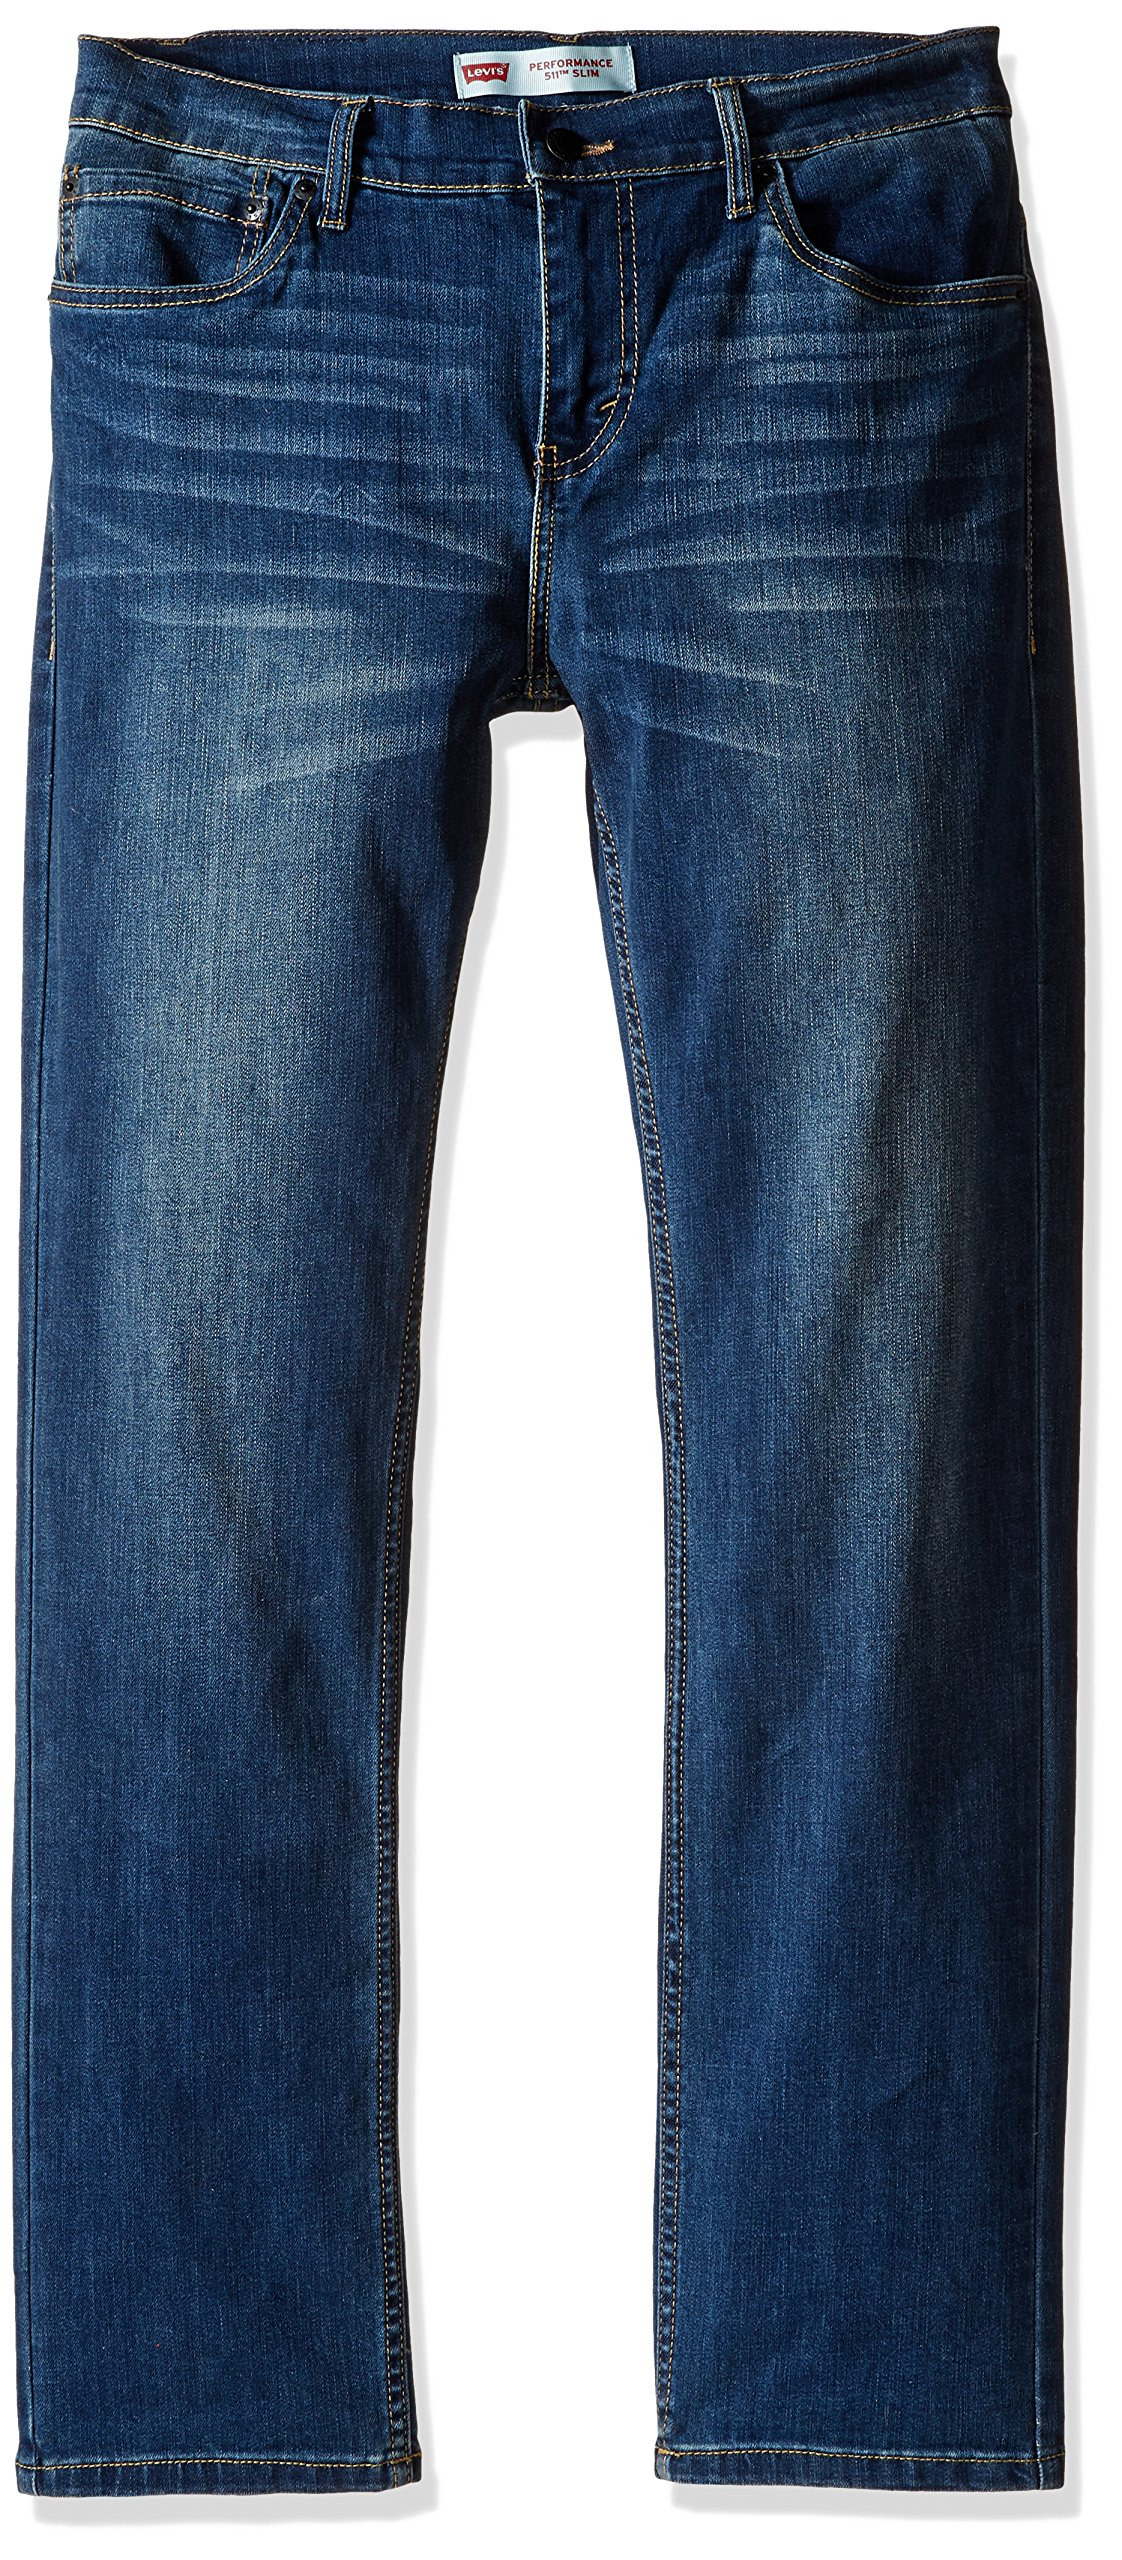 Levi's Boys' Big 511 Slim Fit Performance Jeans, Evans Blue, 16